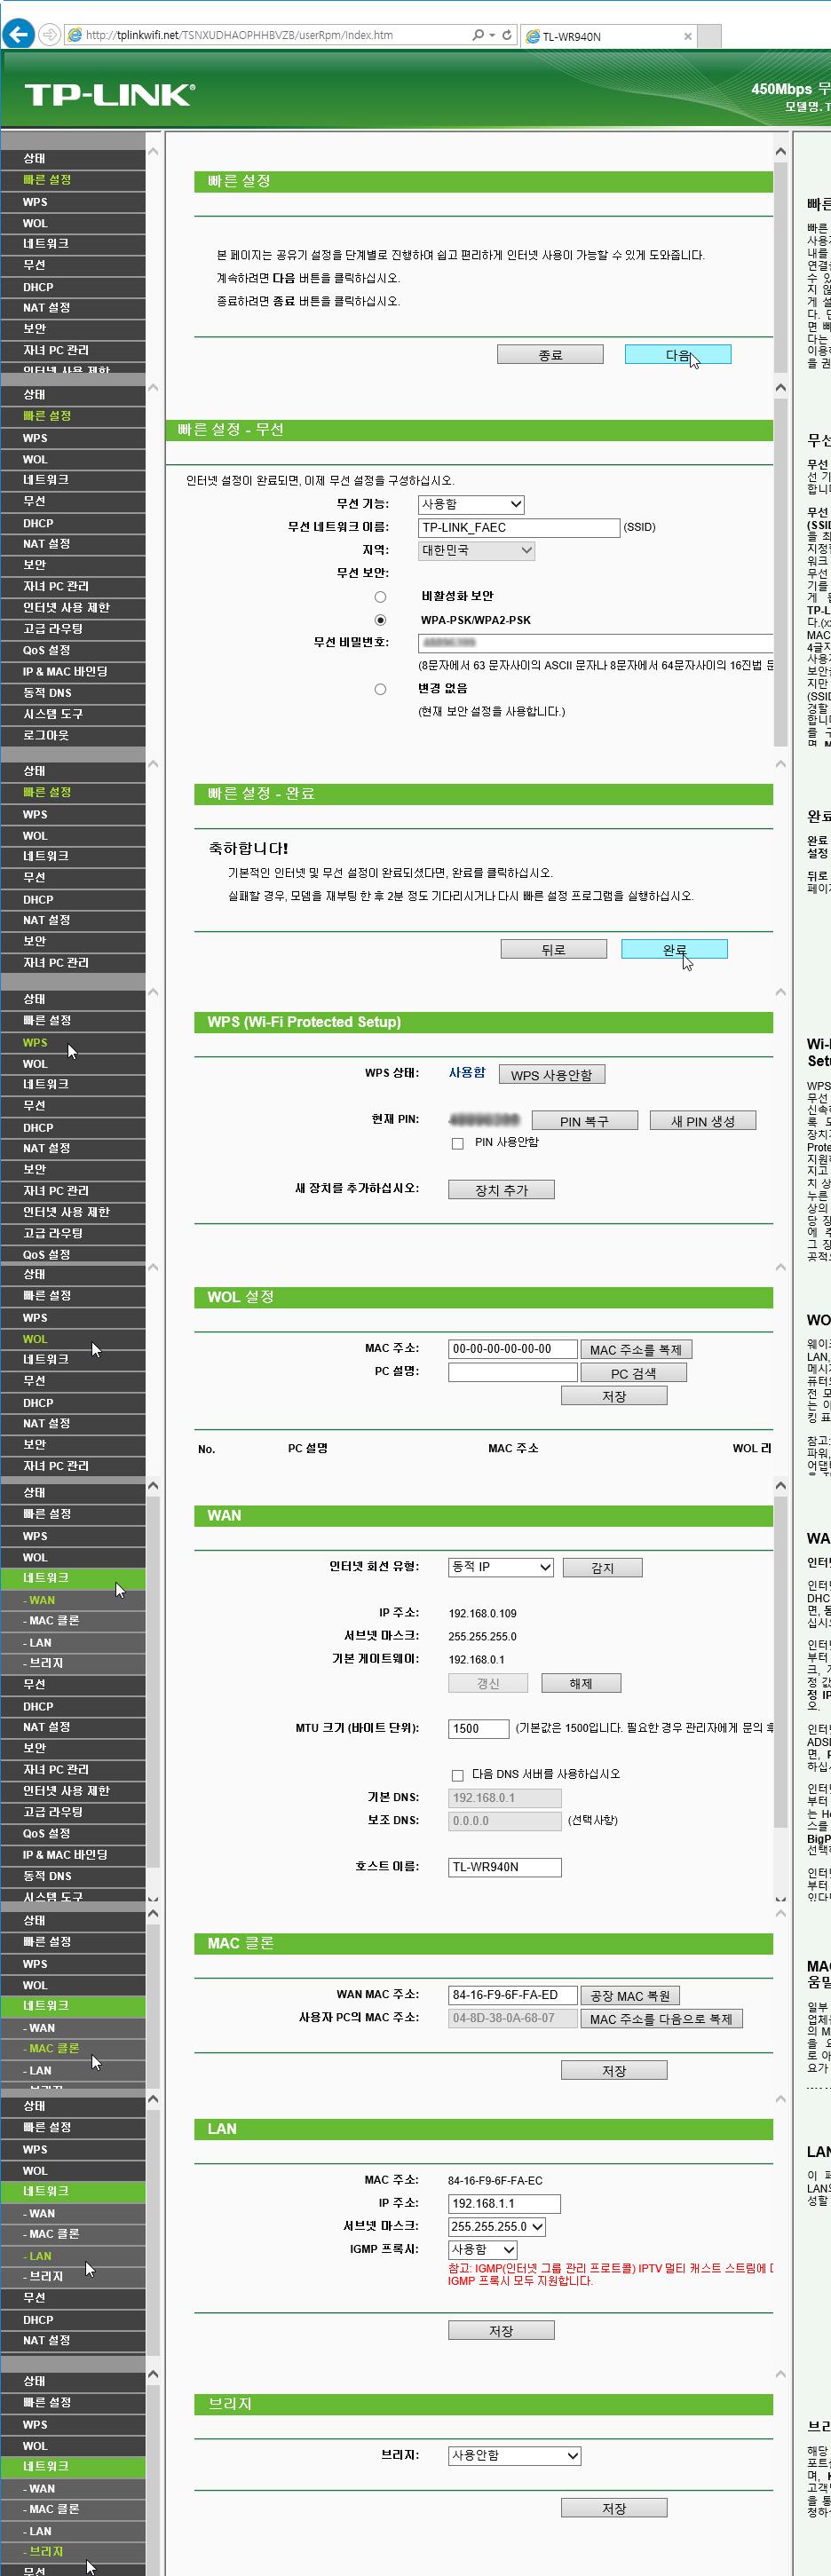 TL-WR940N_012.jpg